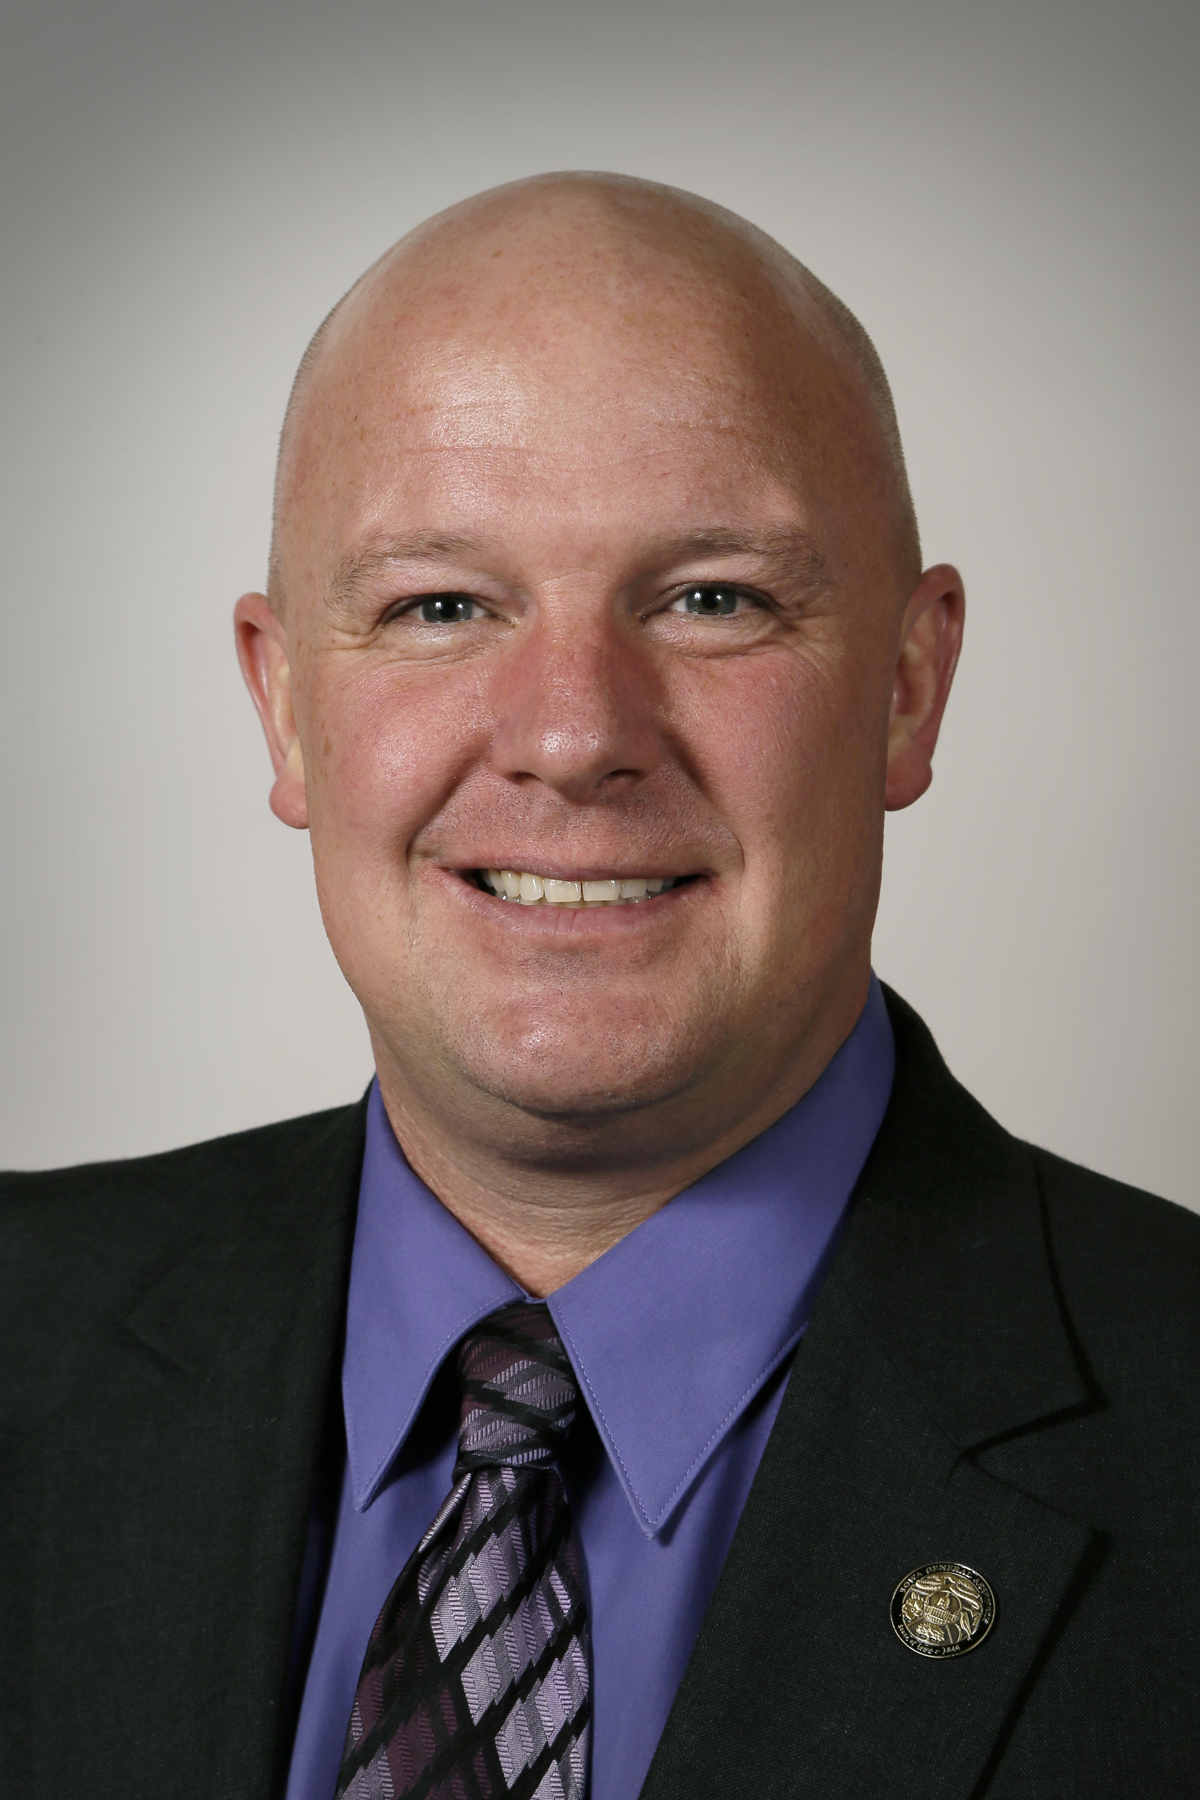 Jason Schultz